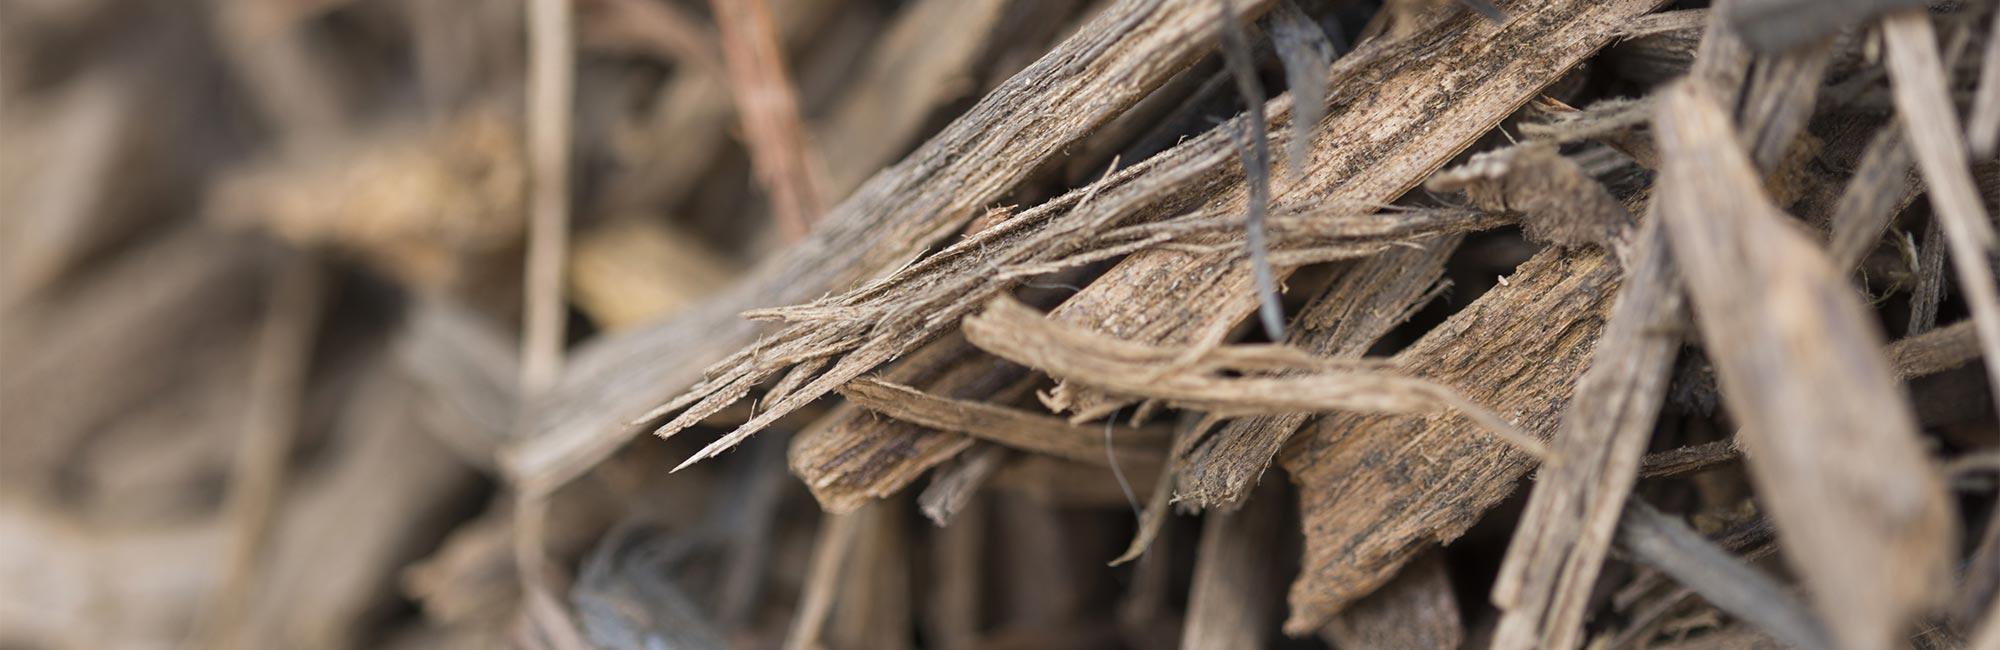 recyclage des bois traités et pollués